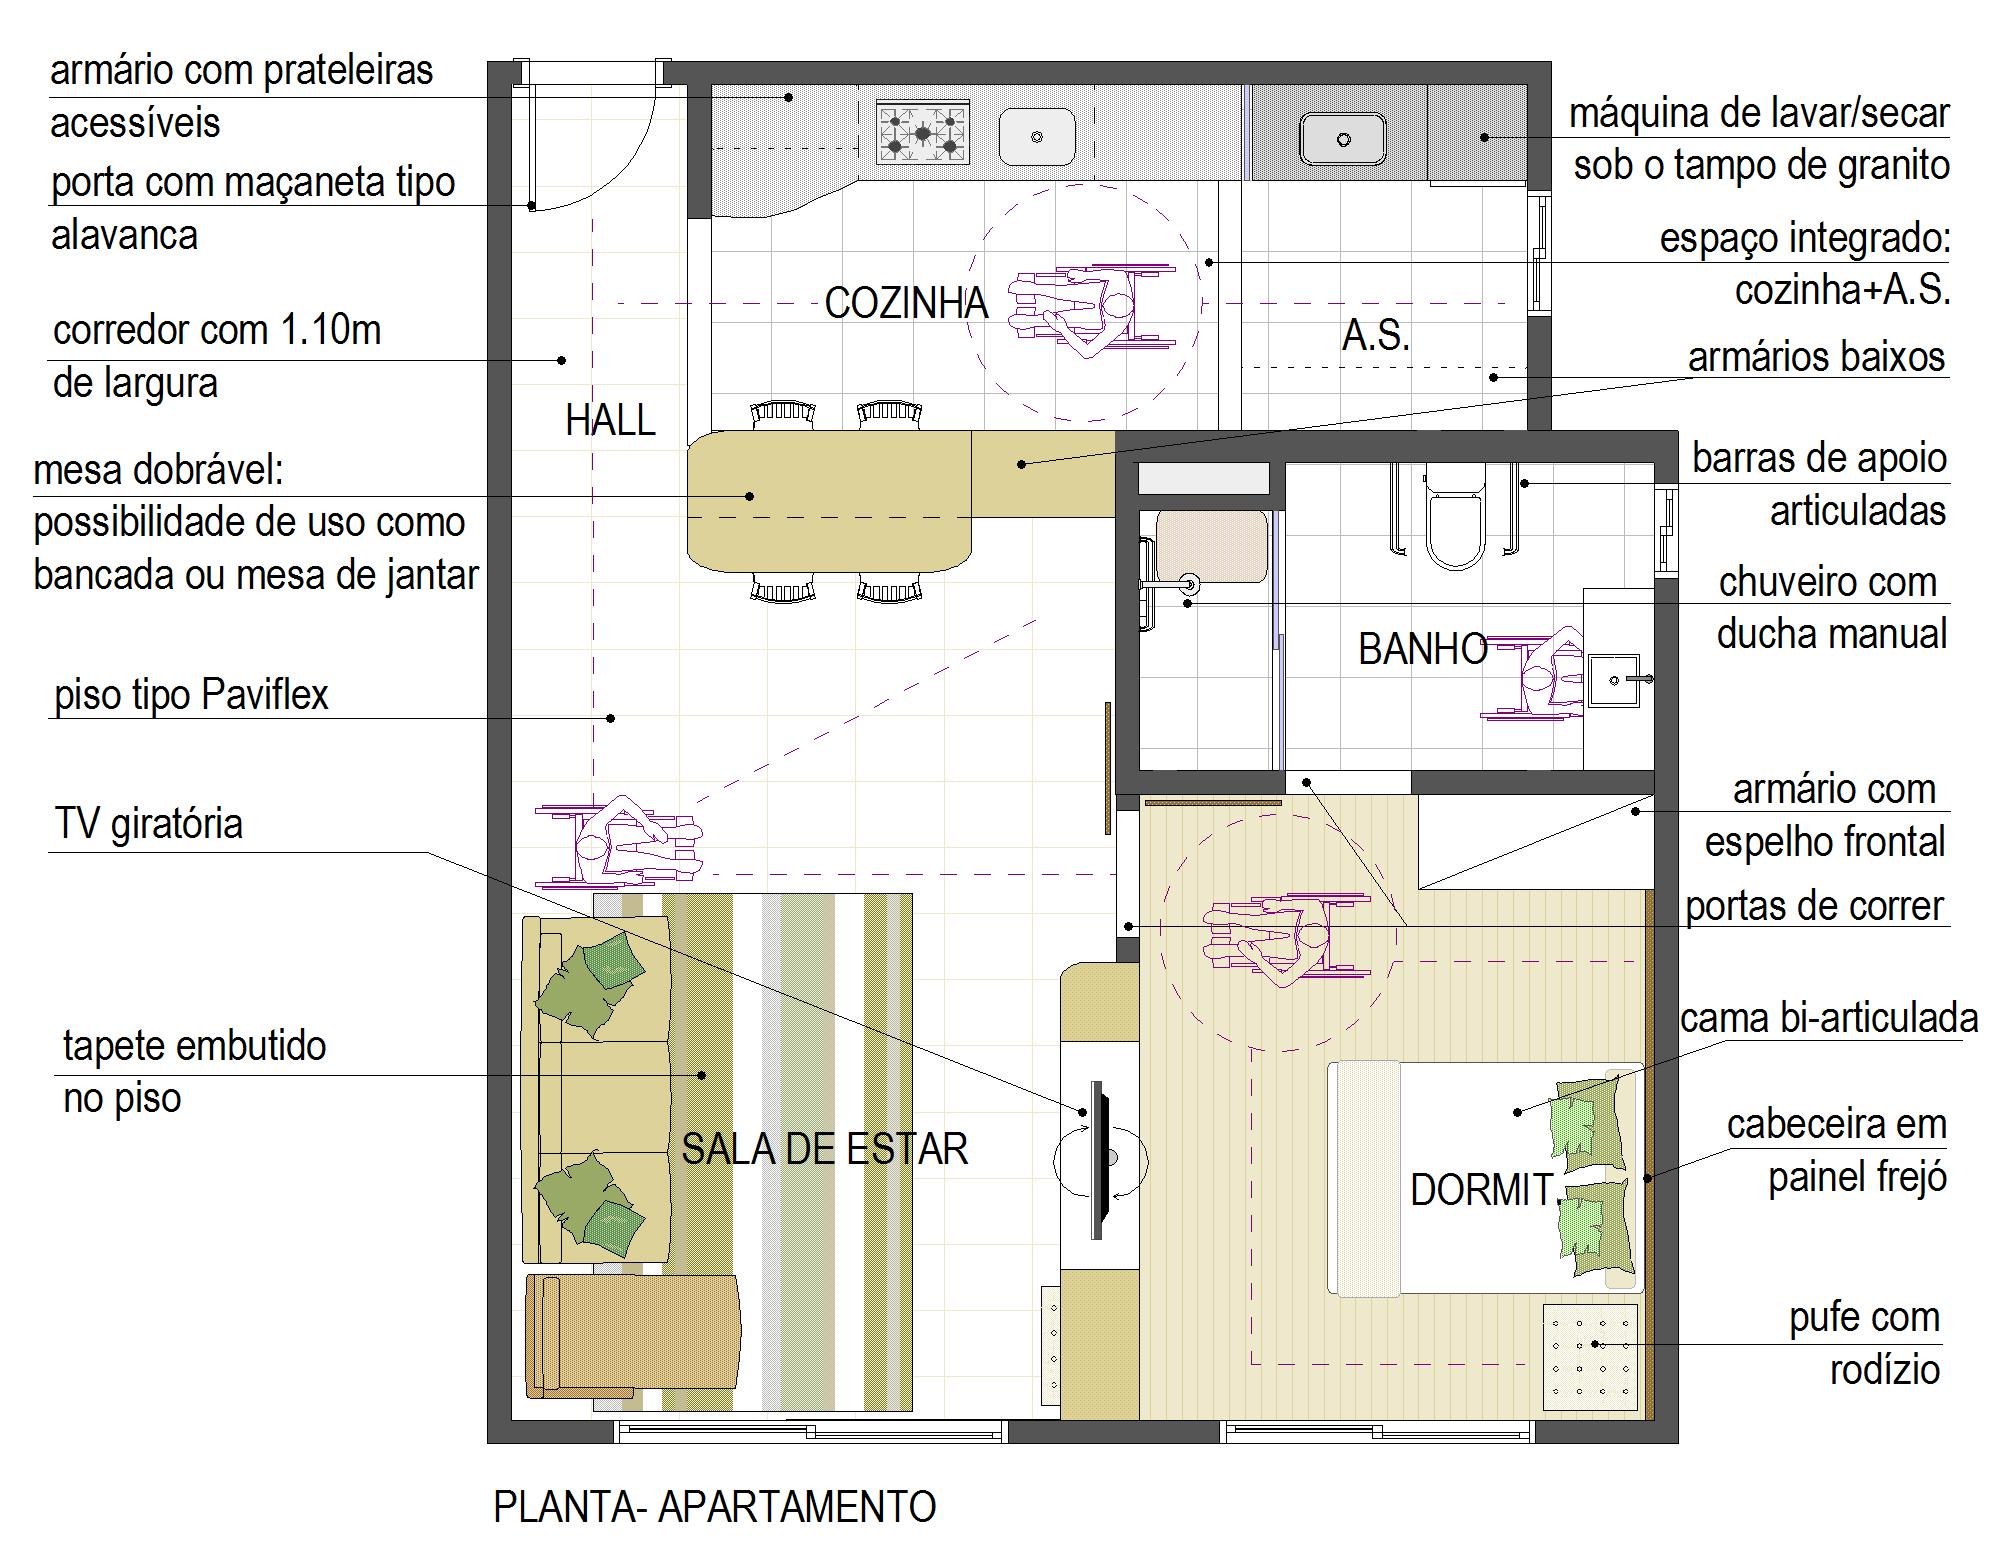 #8C833F tipos de plantas de casas para cadeirantes 2000x1554 px projeto banheiro adaptado